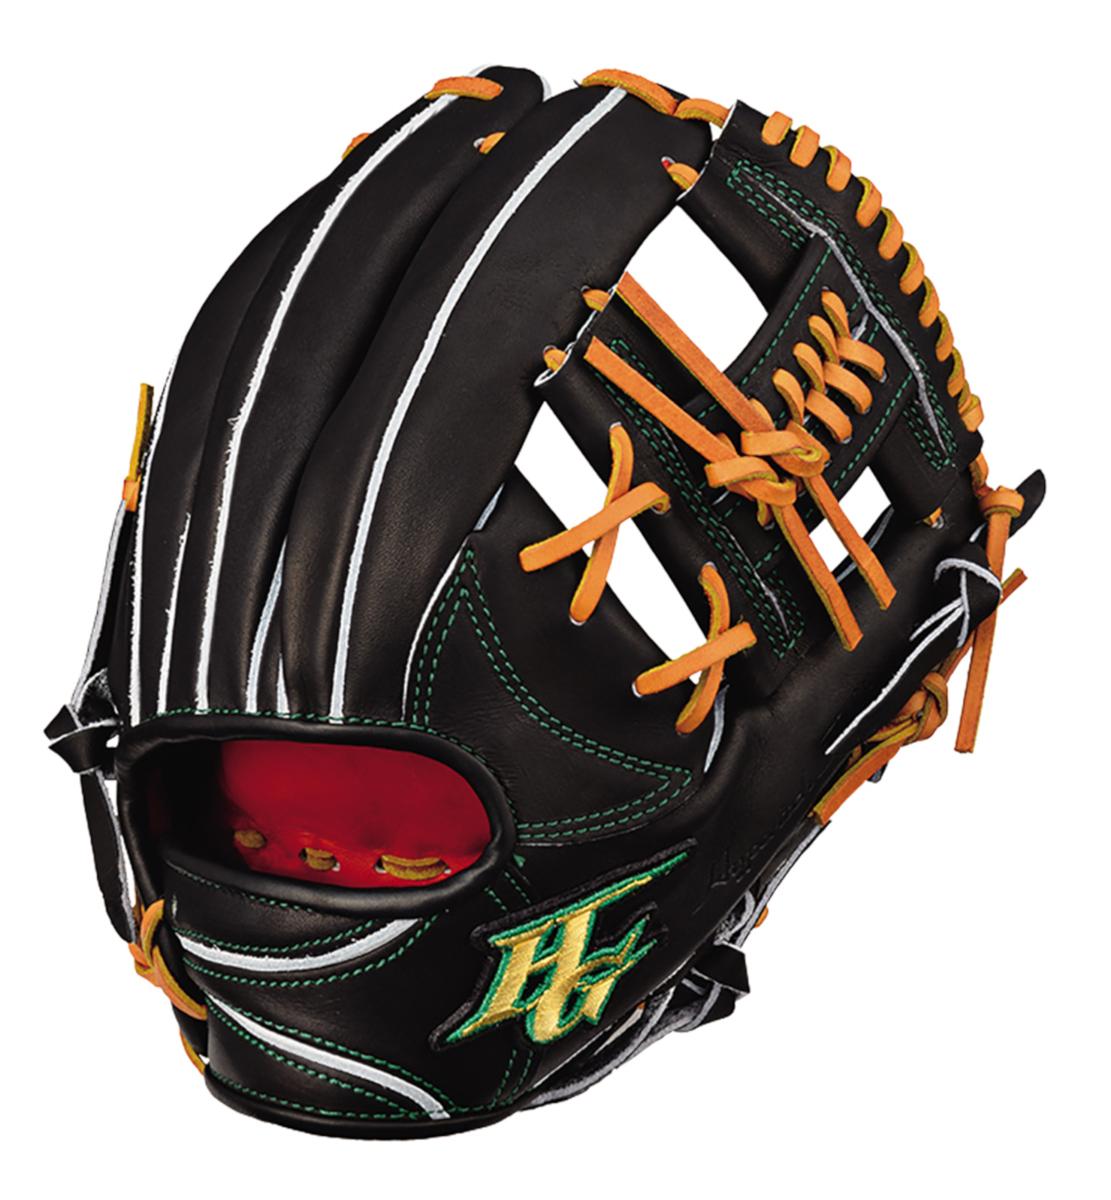 ハイゴールド 硬式野球グラブ 心極(和牛シリーズ) 二塁手用グローブ ブラック×タン 右投げ KKG2004BK 送料無料 2020年モデル